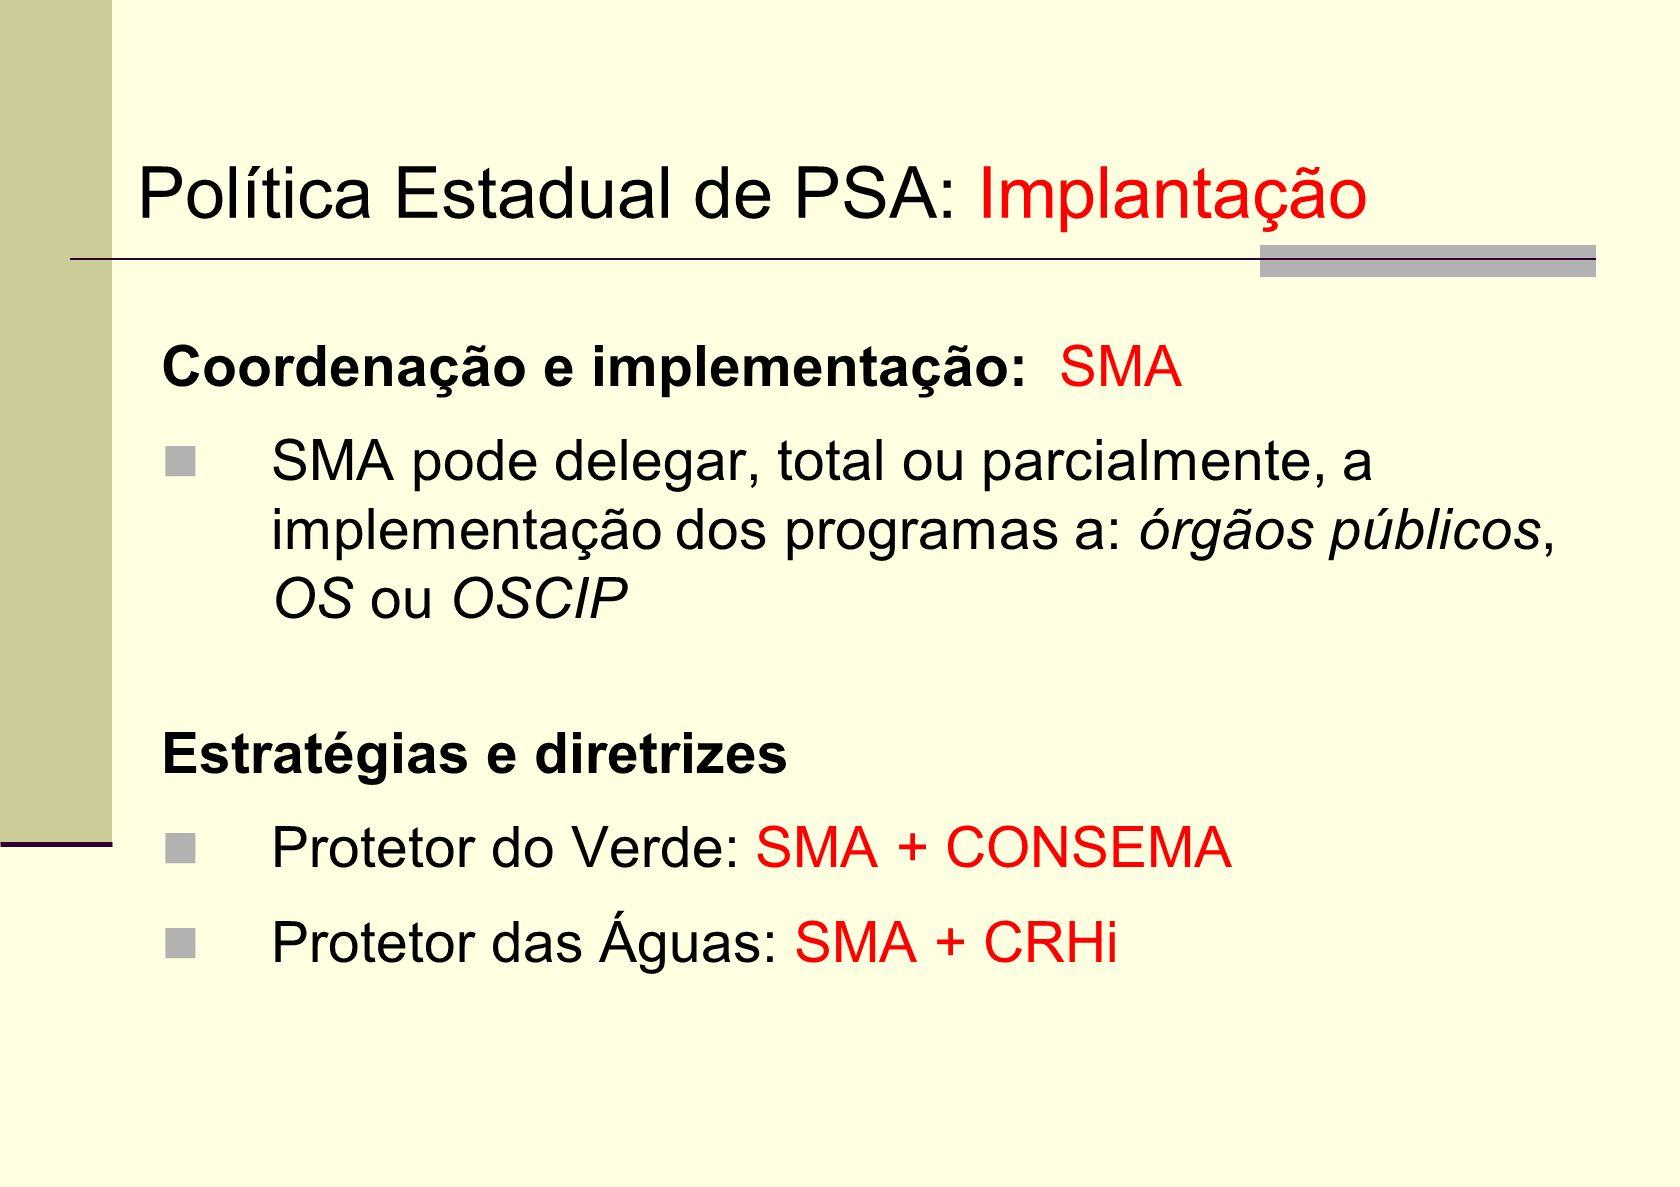 Política Estadual de PSA: Implantação